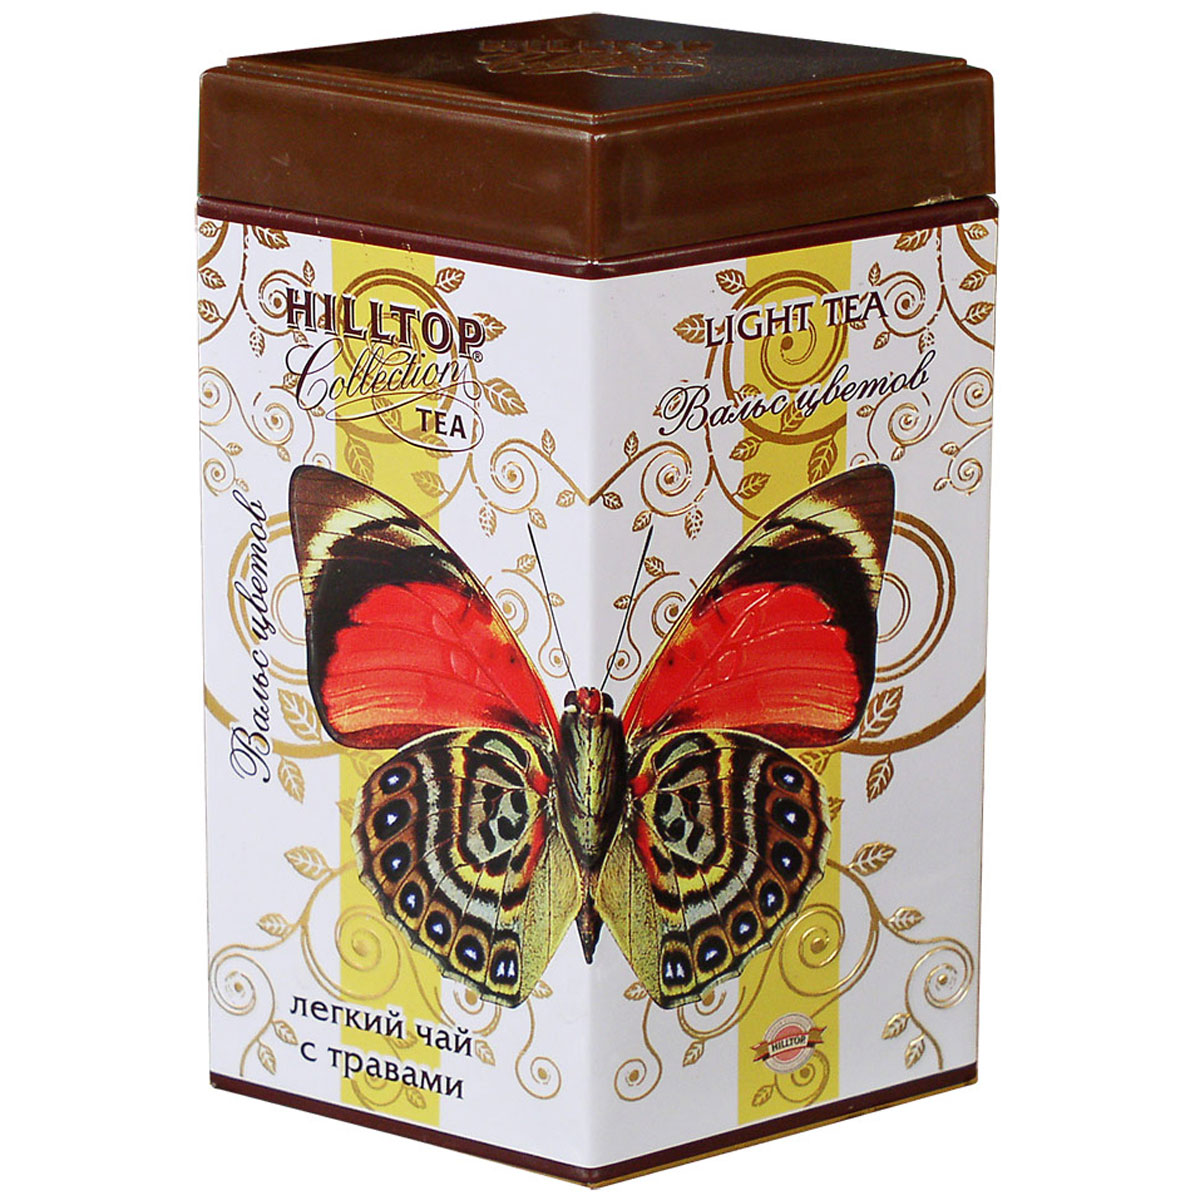 Hilltop Вальс цветов ароматизированный листовой чай, 100 г4607099301443Яркая и жизнерадостная смесь черного и зеленого чая Hilltop Вальс цветов с гибискусом, лепестками календулы, сафлора, василька, мальвы и чабреца.Всё о чае: сорта, факты, советы по выбору и употреблению. Статья OZON Гид